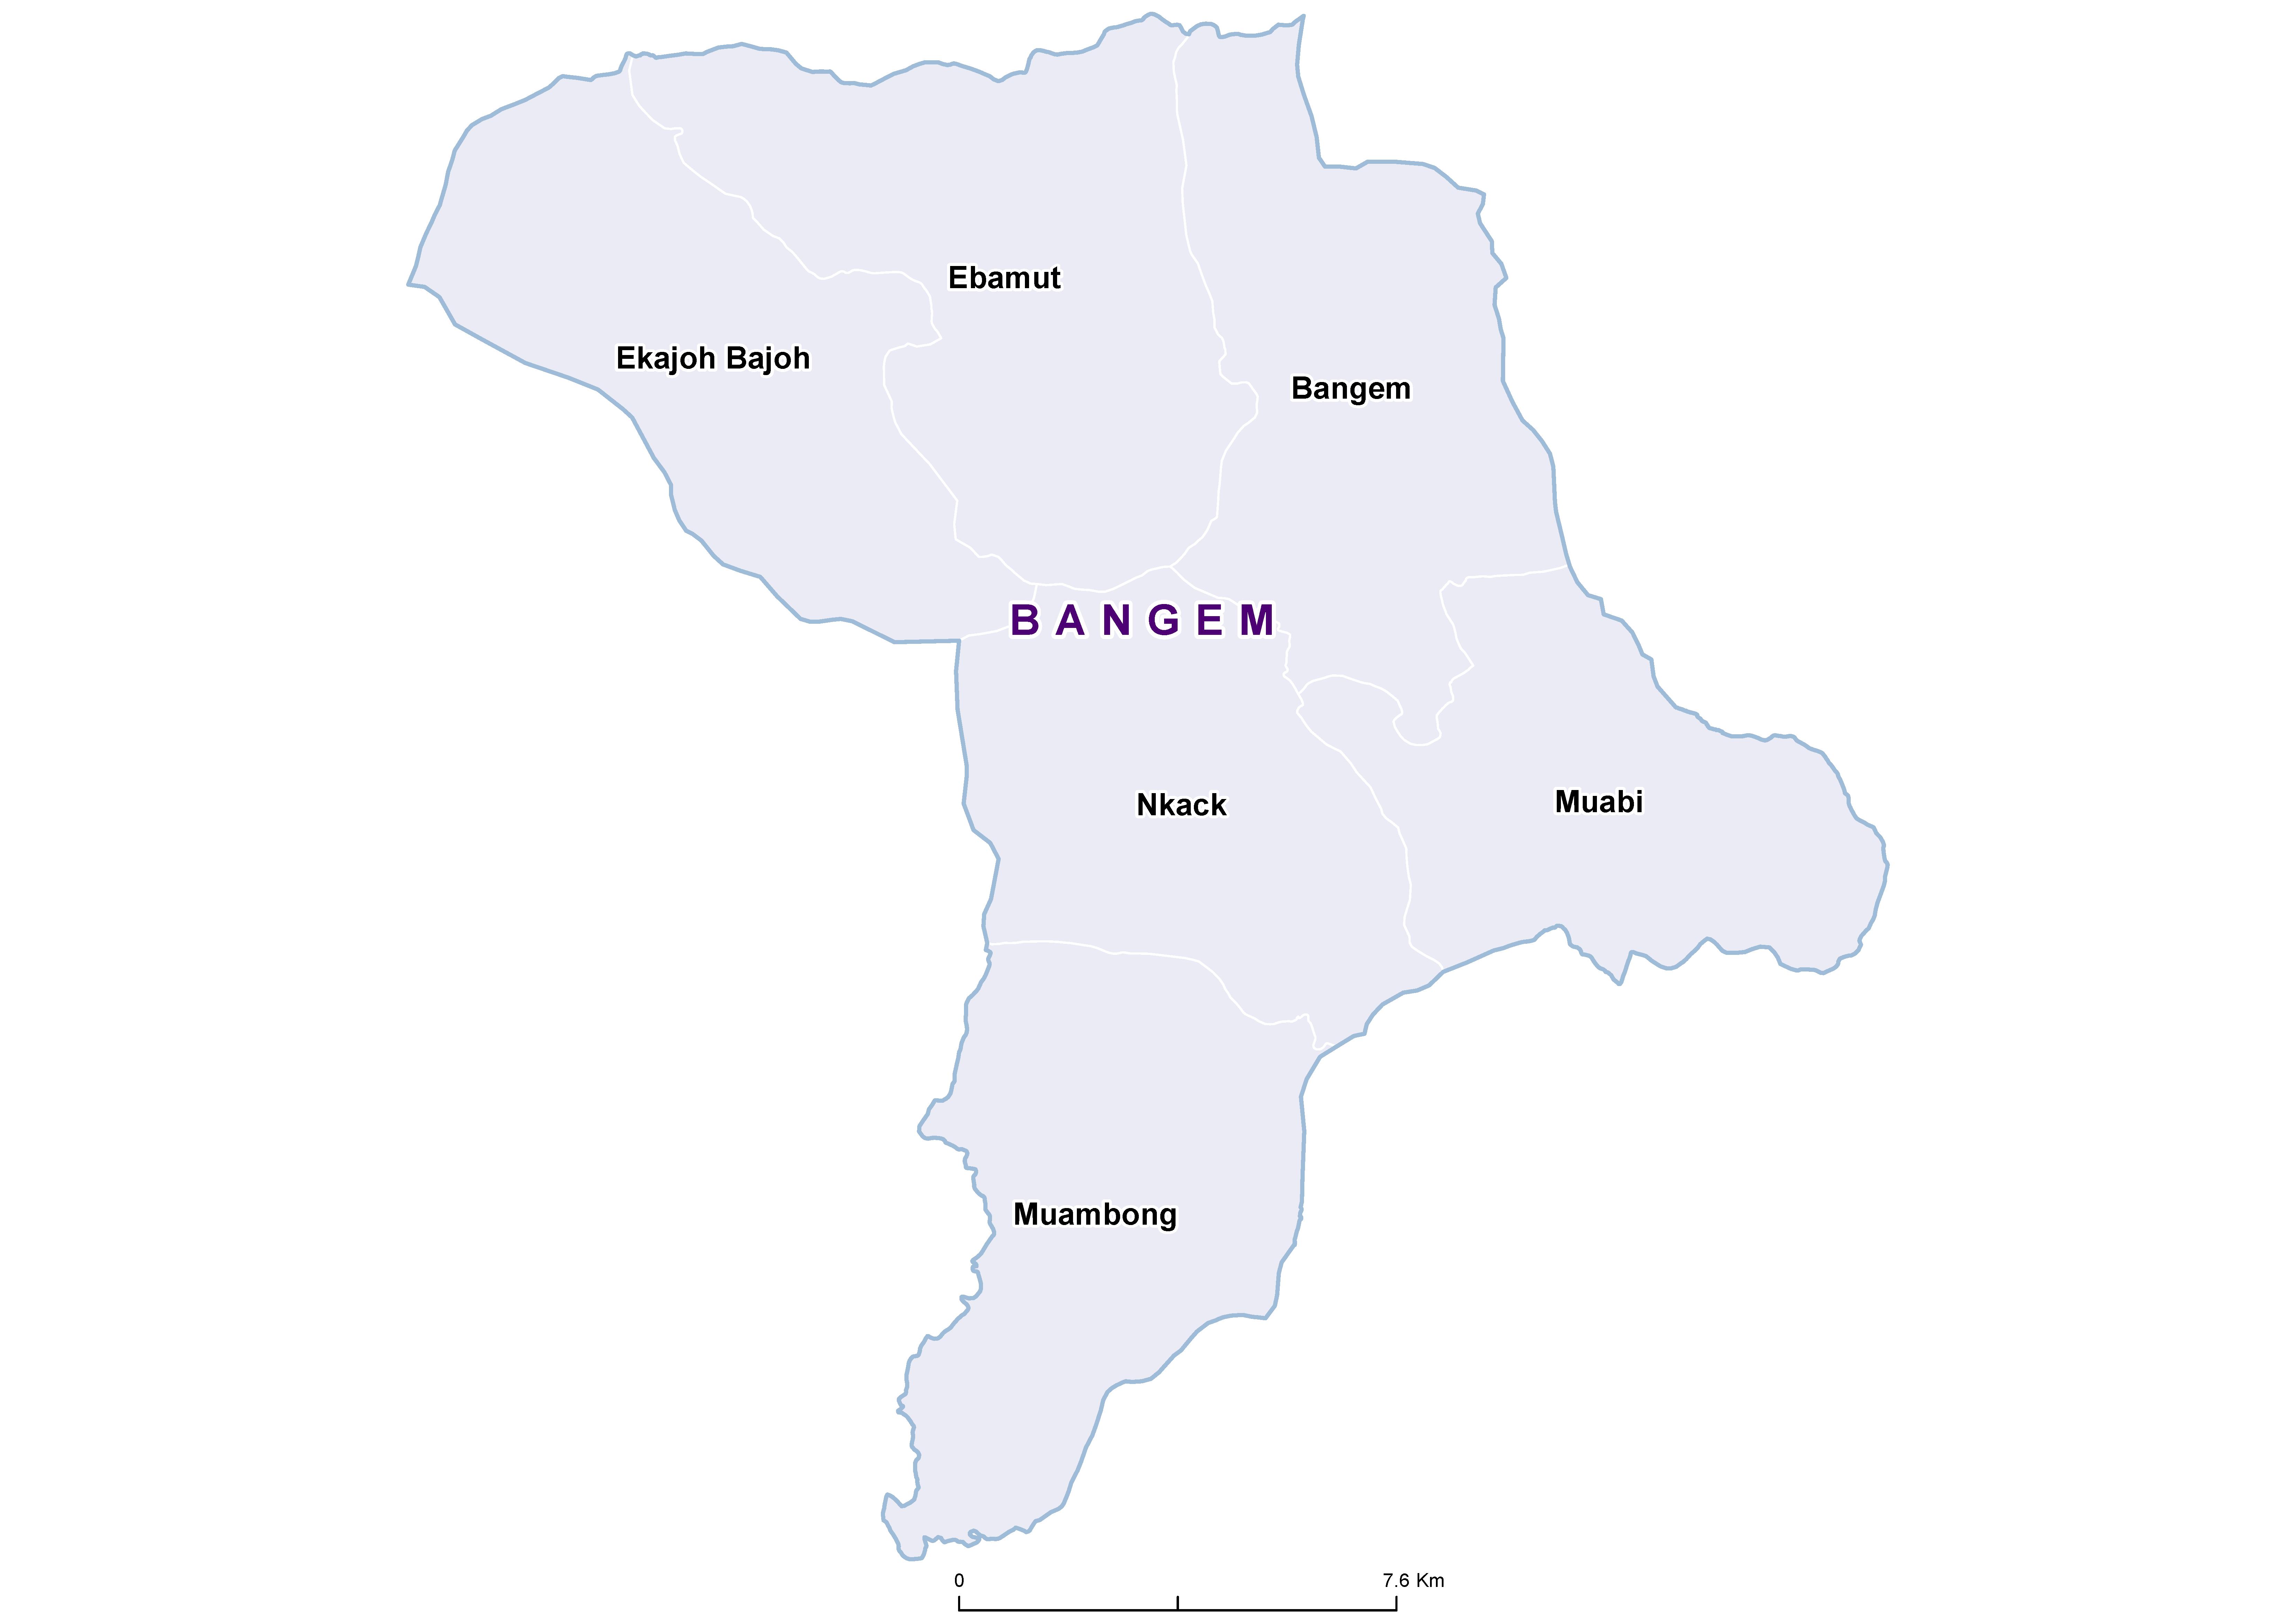 Bangem SCH 19850001